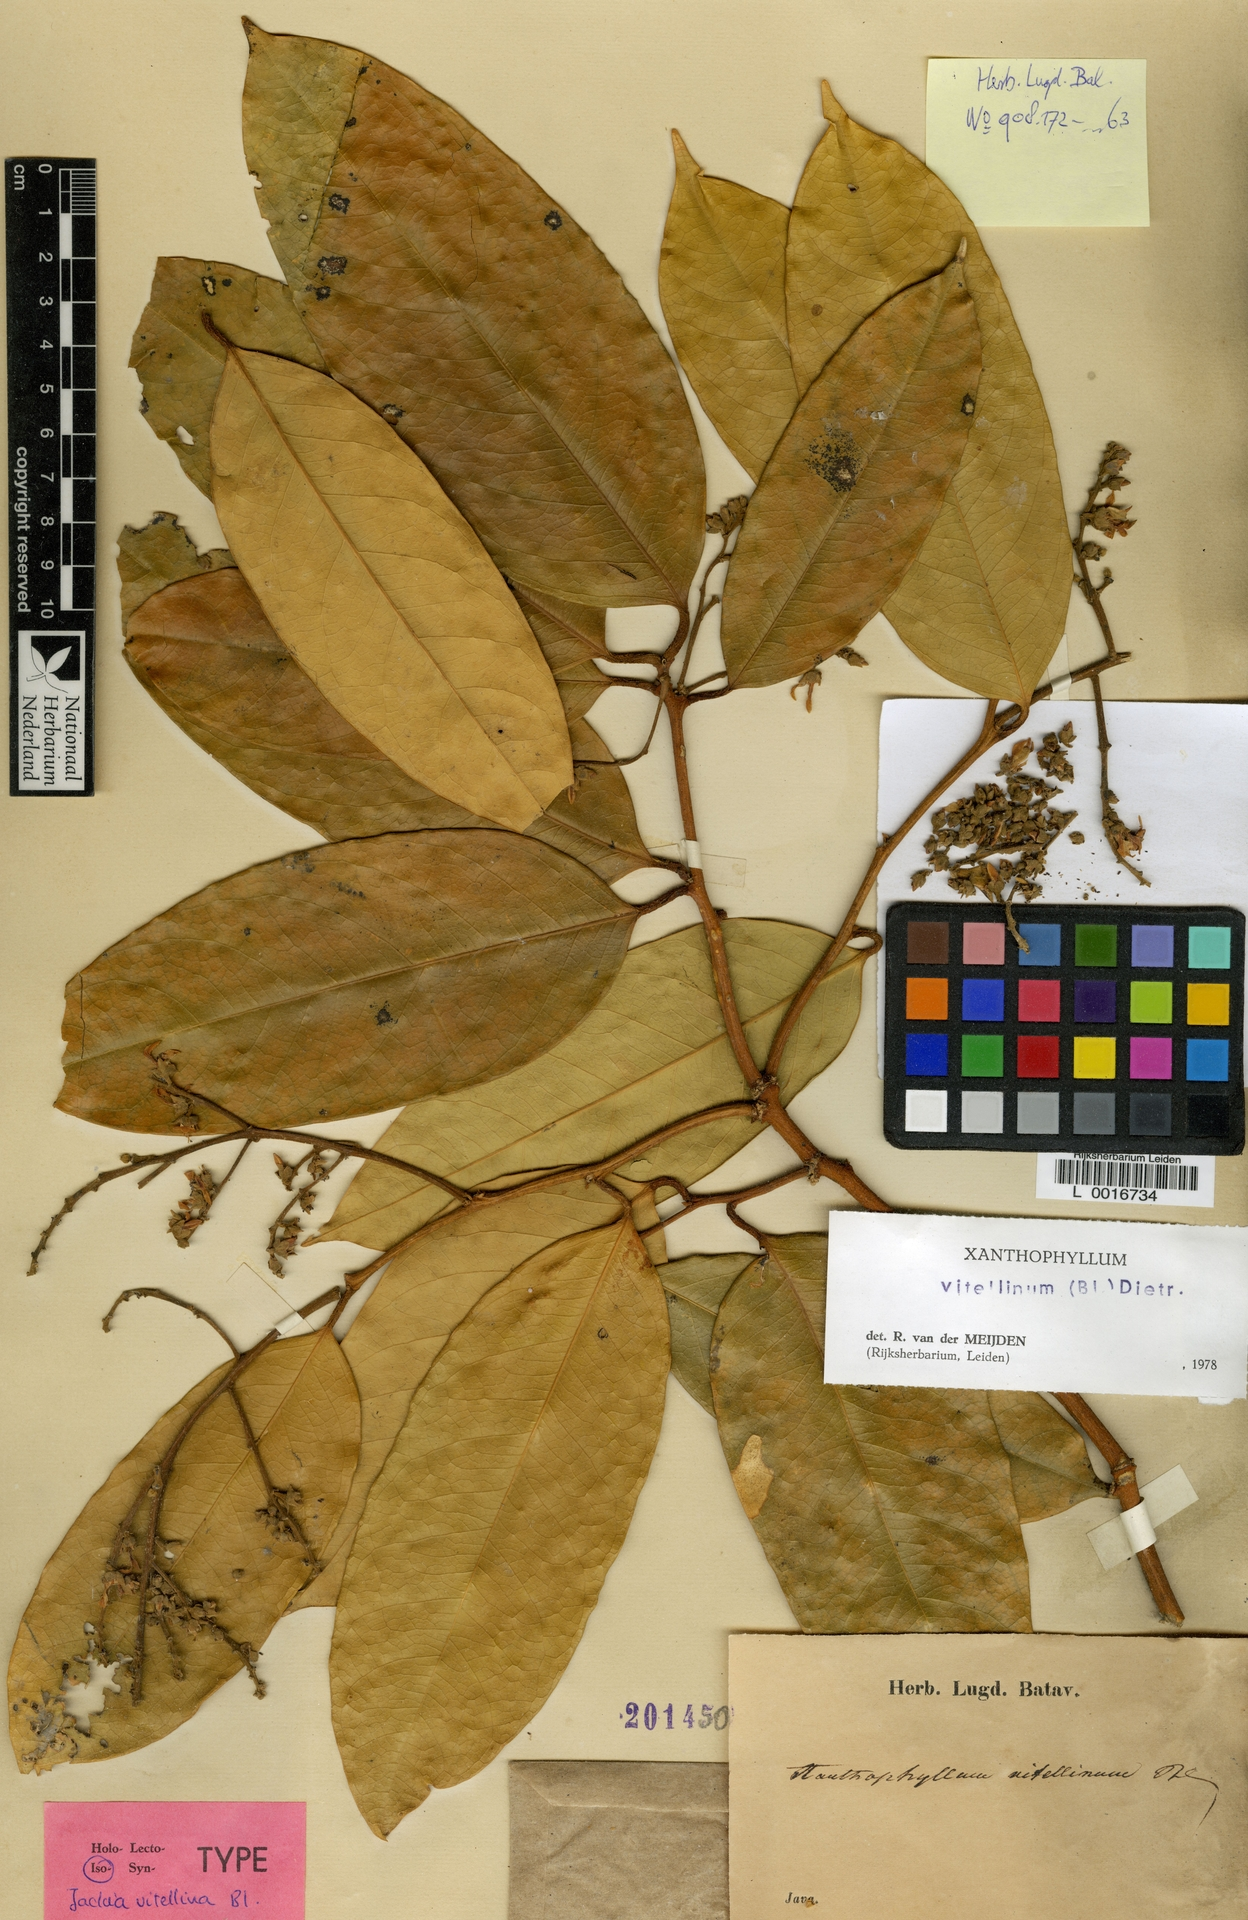 L  0016734   Xanthophyllum vitellinum (Blume) D.Dietr.